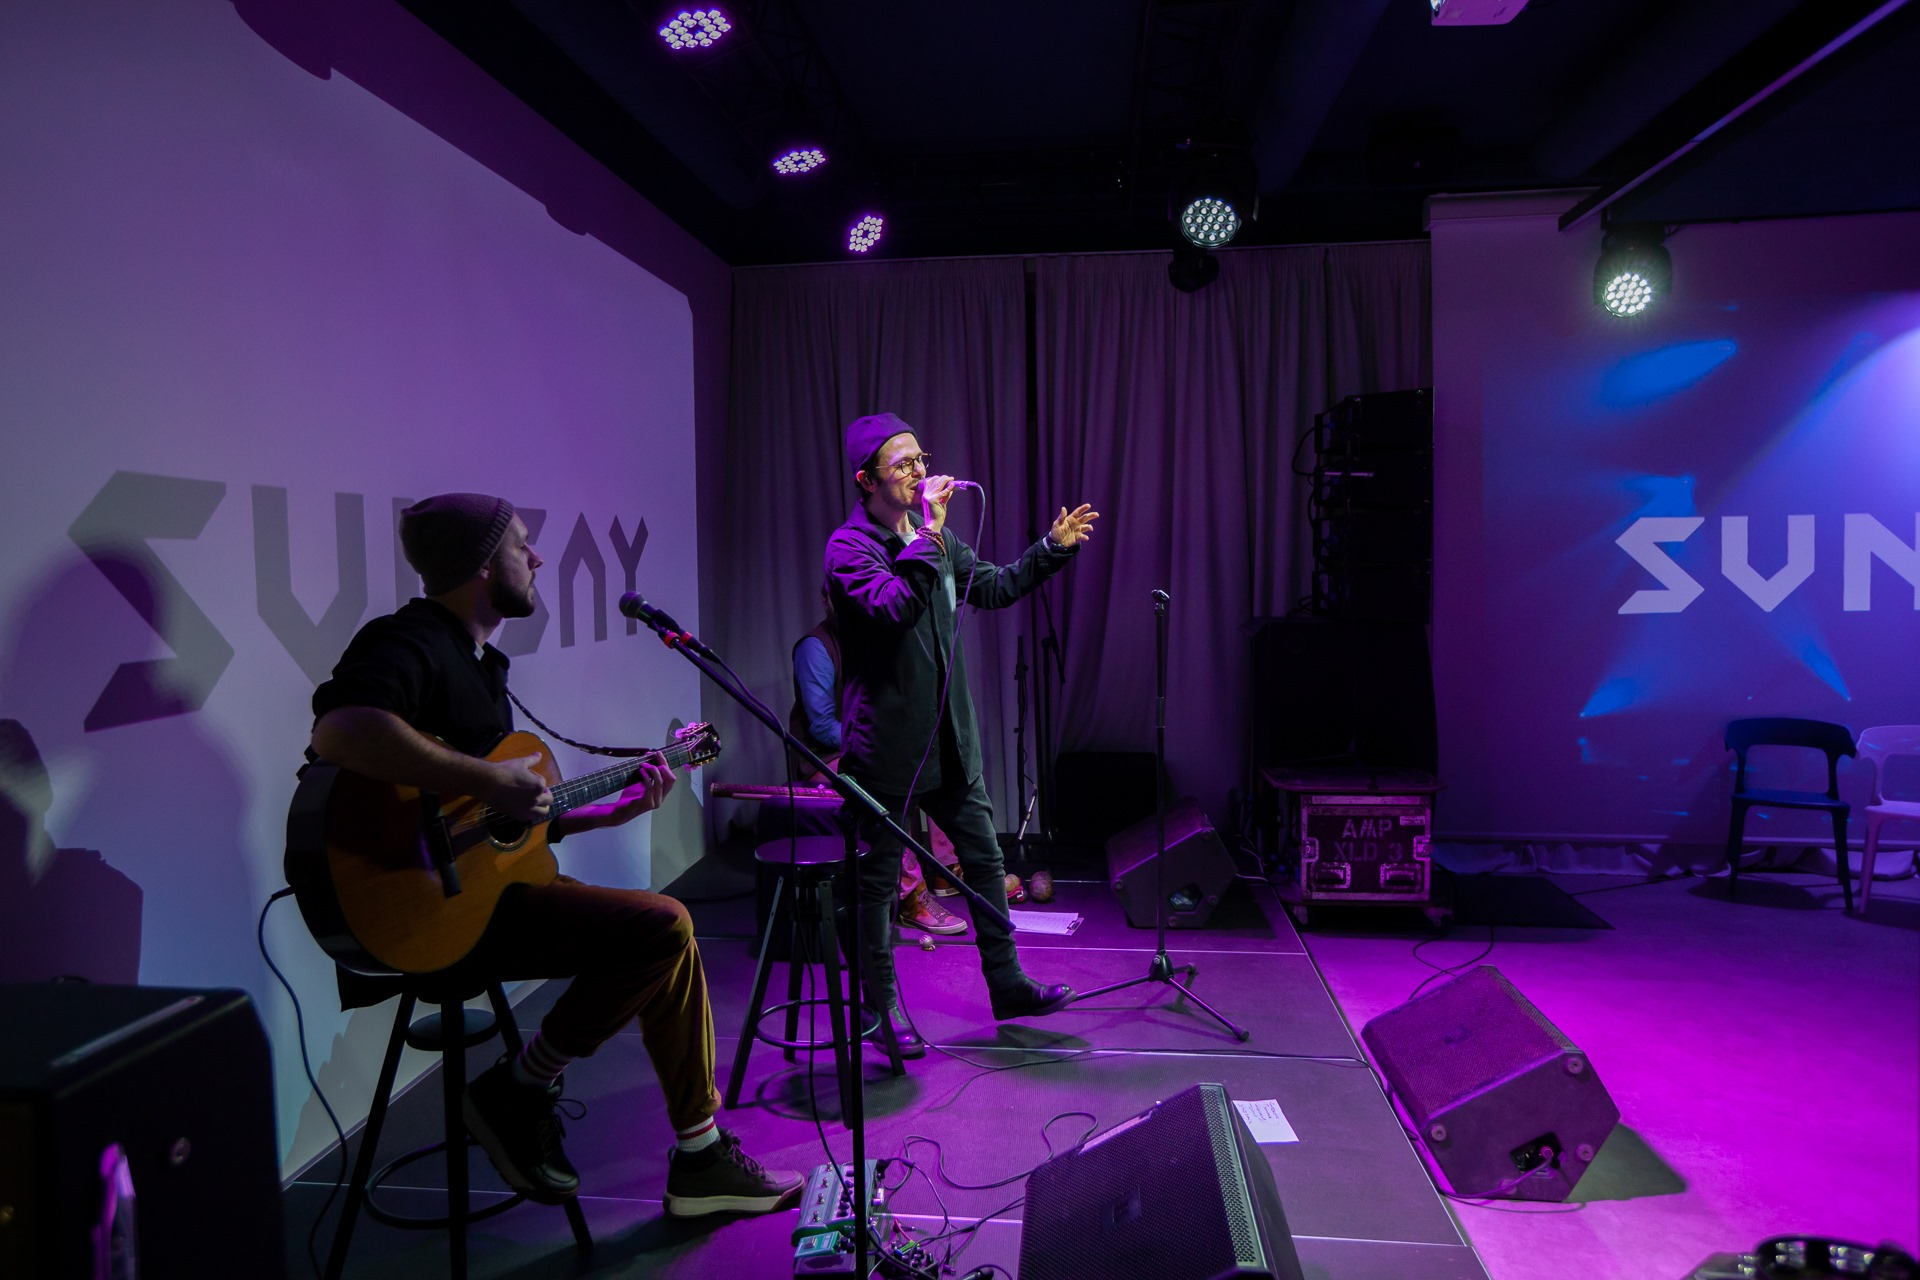 Выступление группы SunSay на открытии Promodo Hub